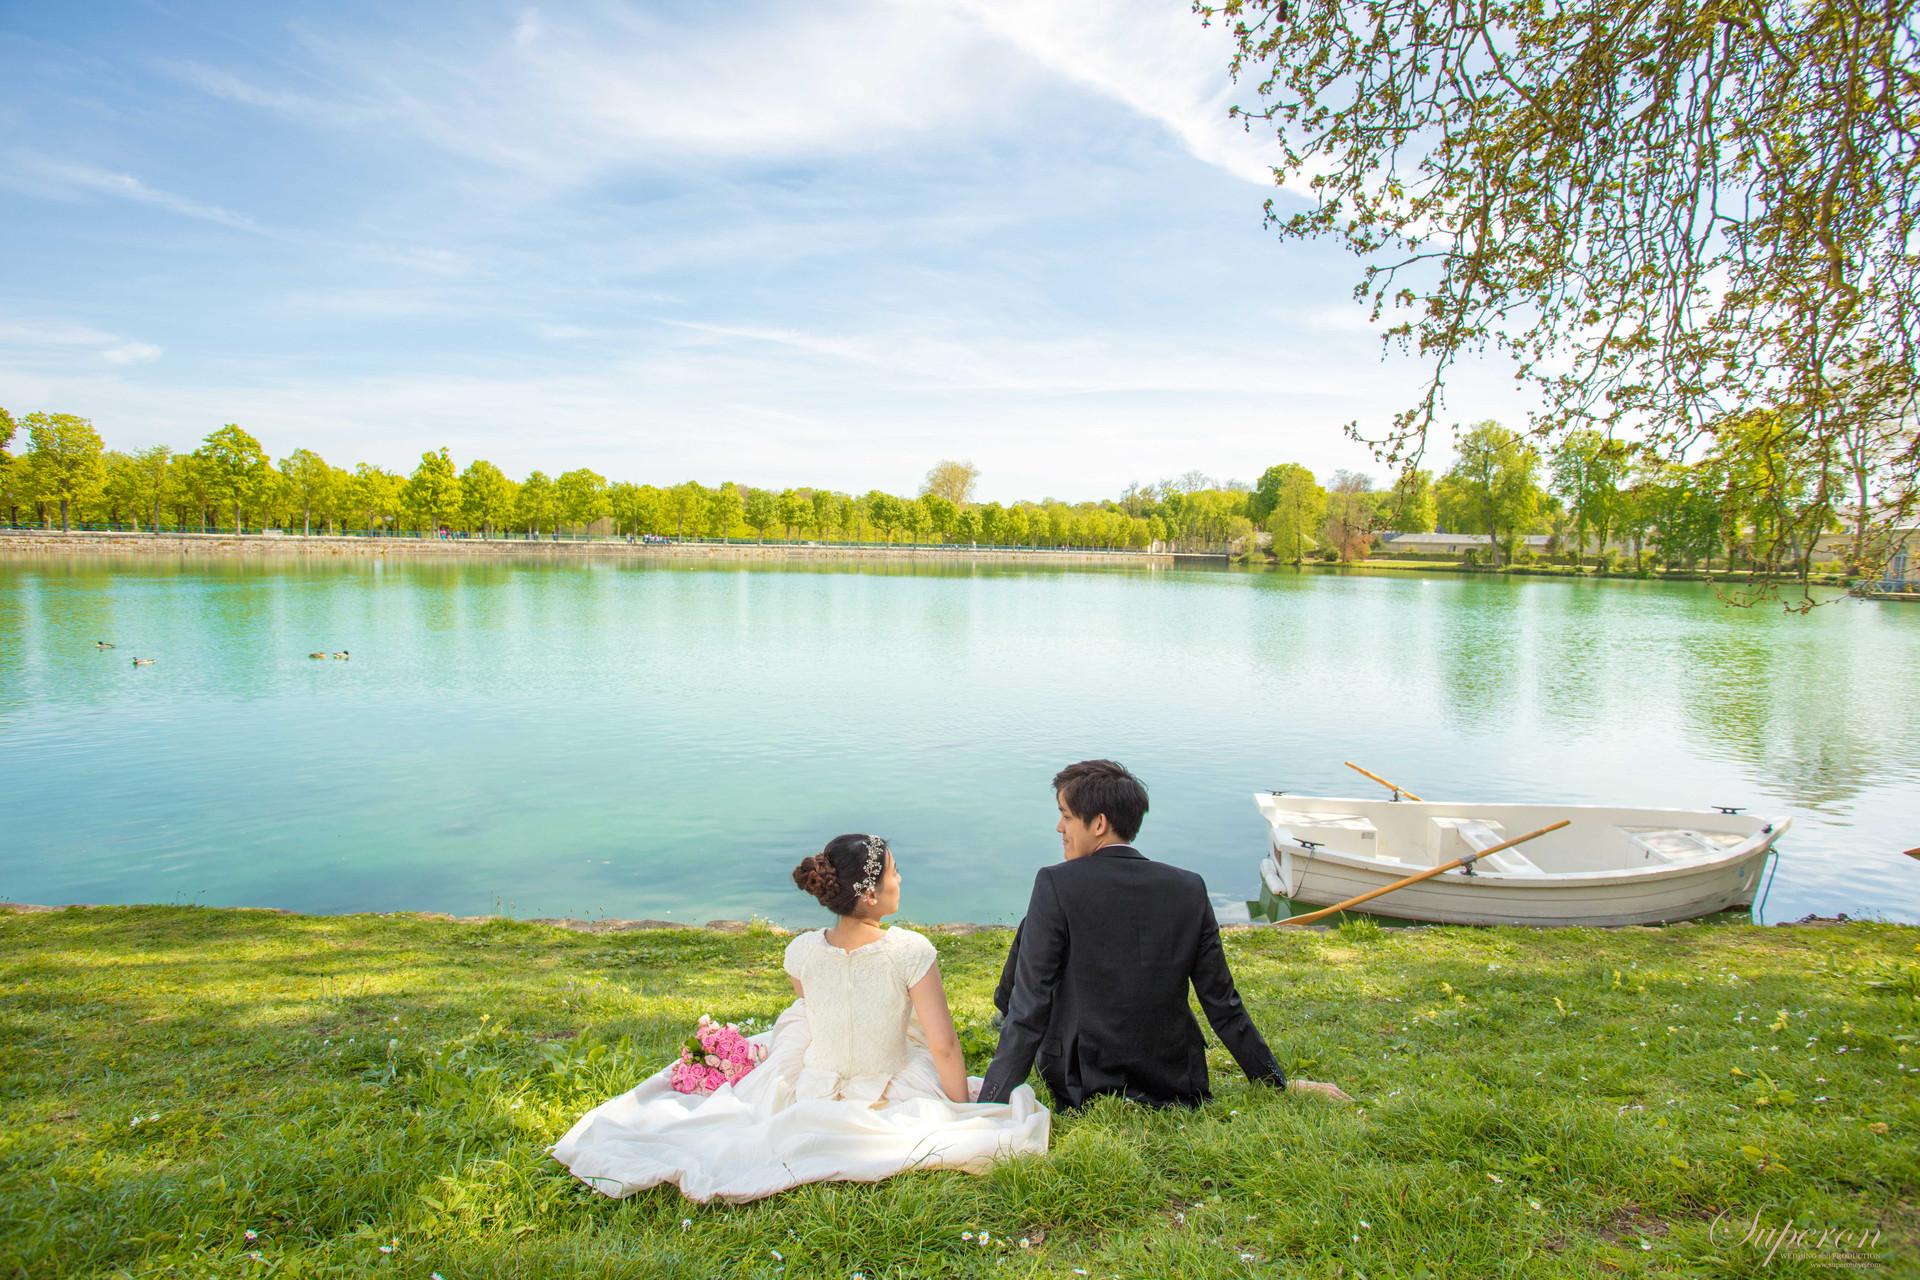 法國巴黎婚紗攝影  法國城堡婚紗攝影 海外婚紗攝影 巴黎婚紗照 巴黎當地婚紗攝影師 - paris prewedding -Superoneye PhotographyPhotography